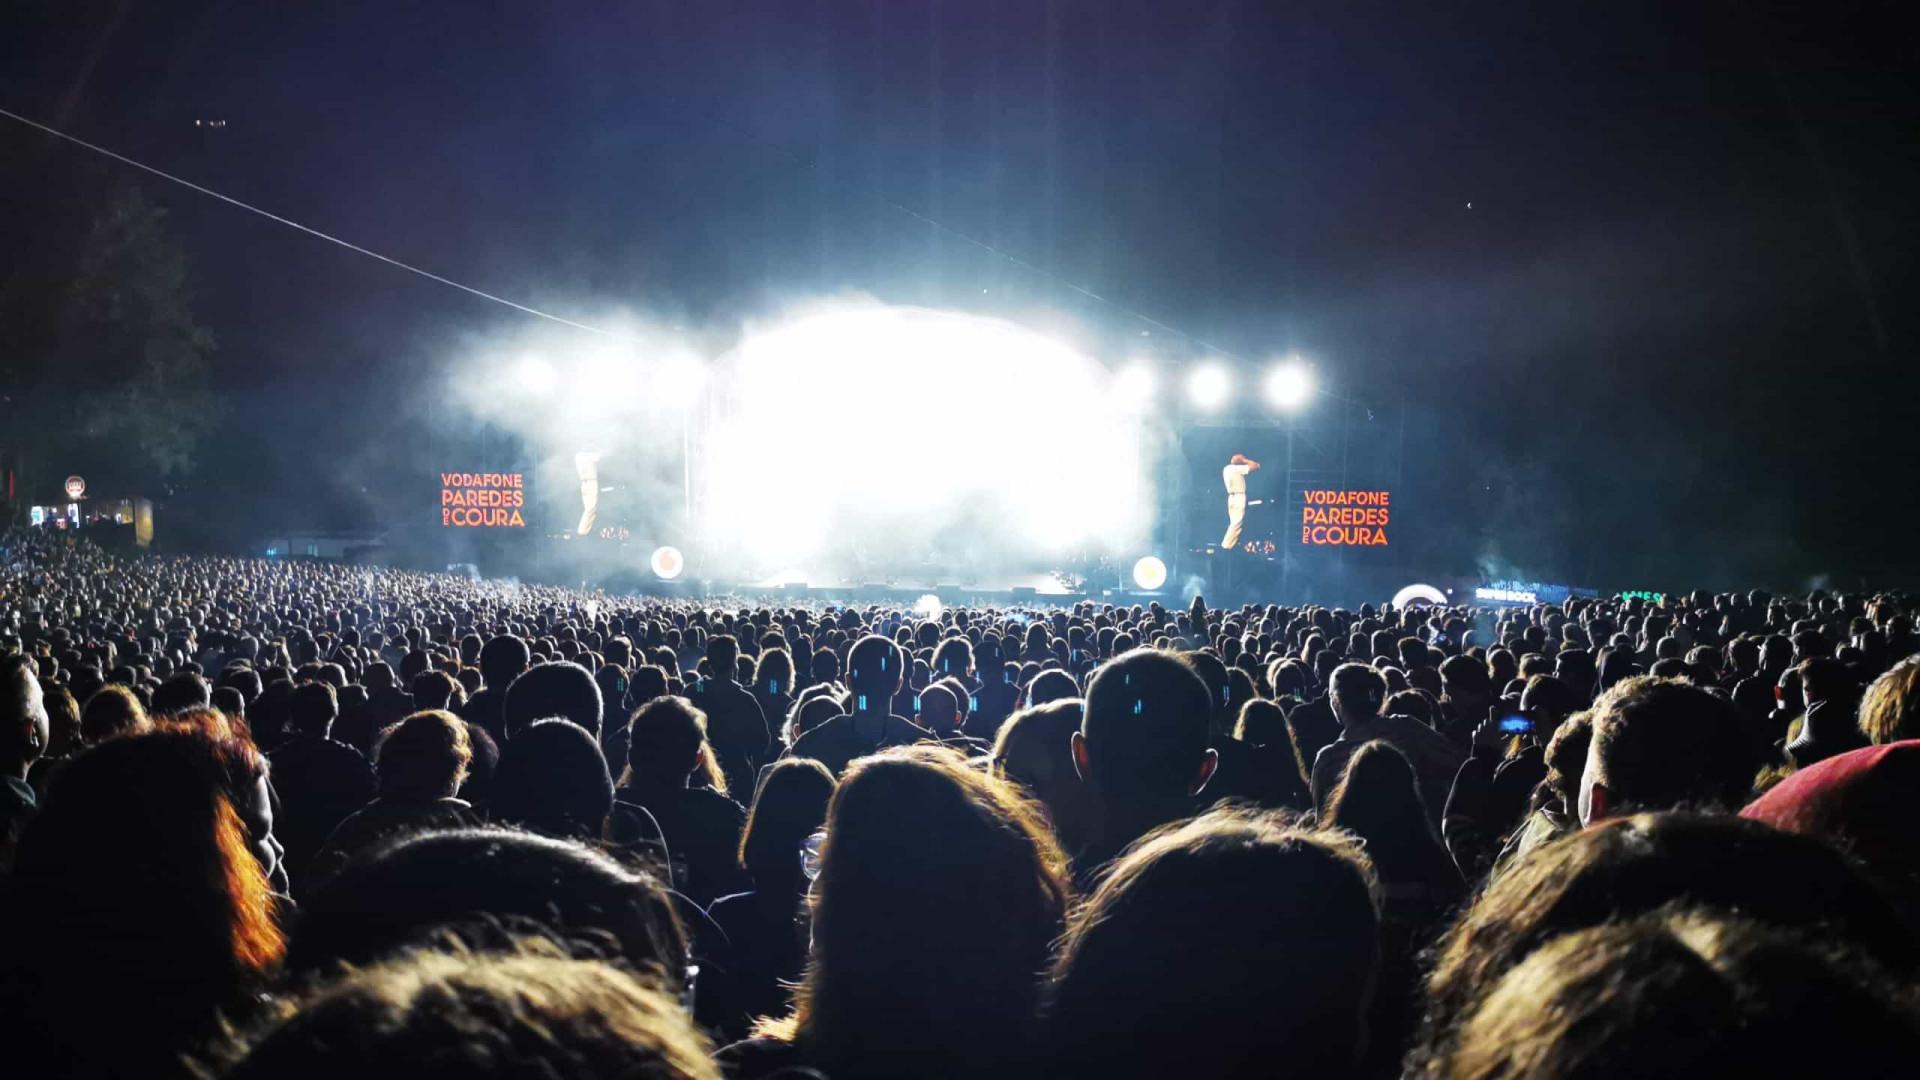 Paredes de Coura novamente adiado. Festival regressa em 2022